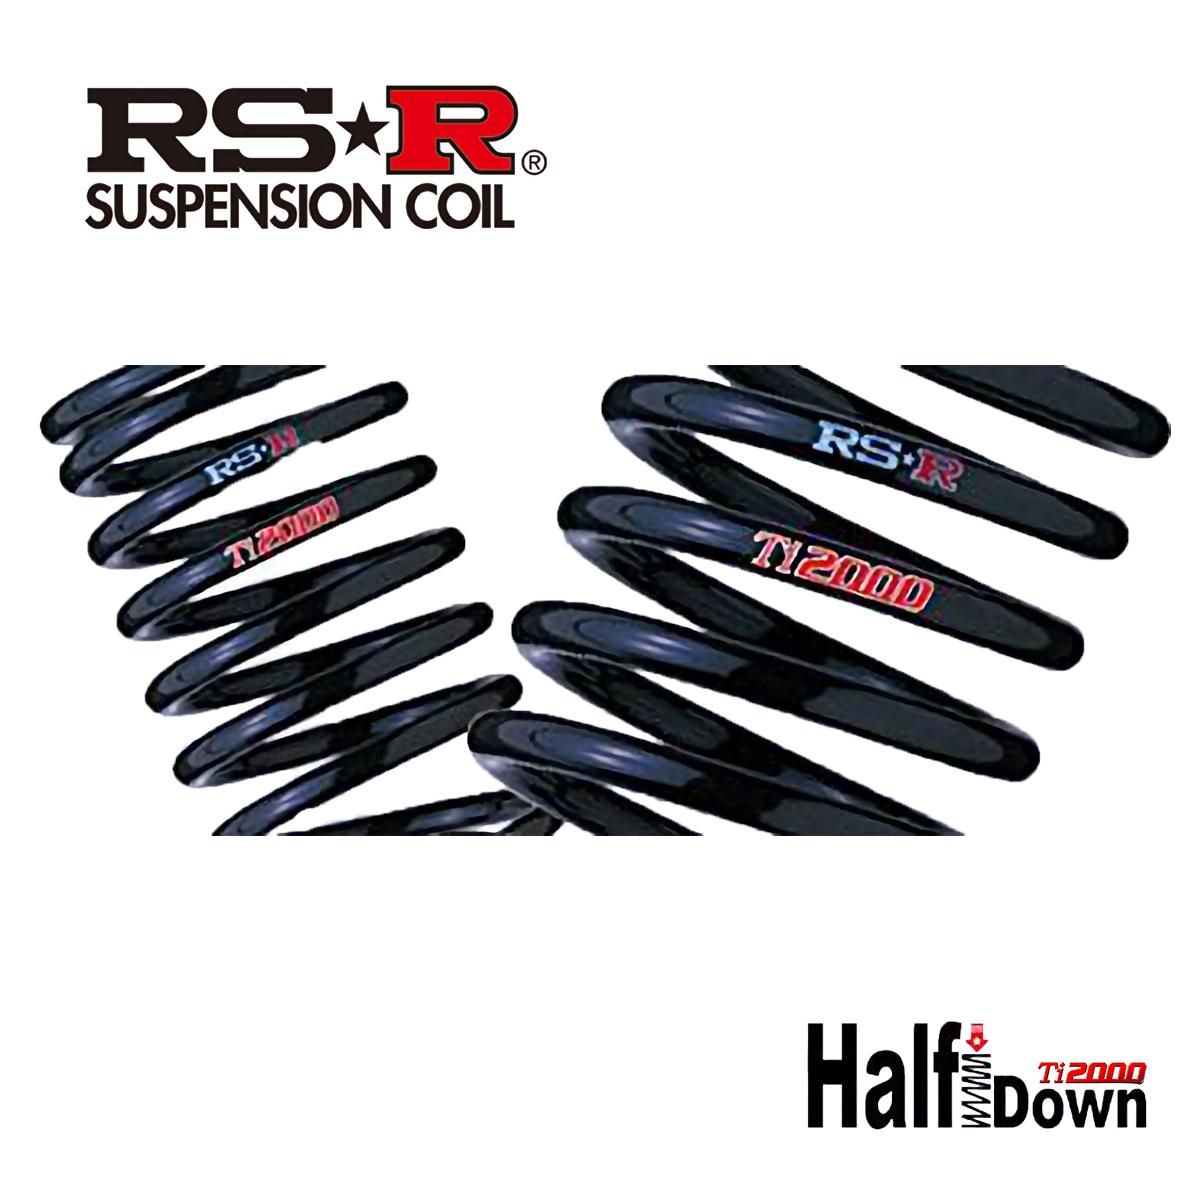 RS-R CX-8 CX8 KG5P 25T プロアクティブ ダウンサス スプリング リア M302THDR Ti2000 ハーフダウン RSR 個人宅発送追金有